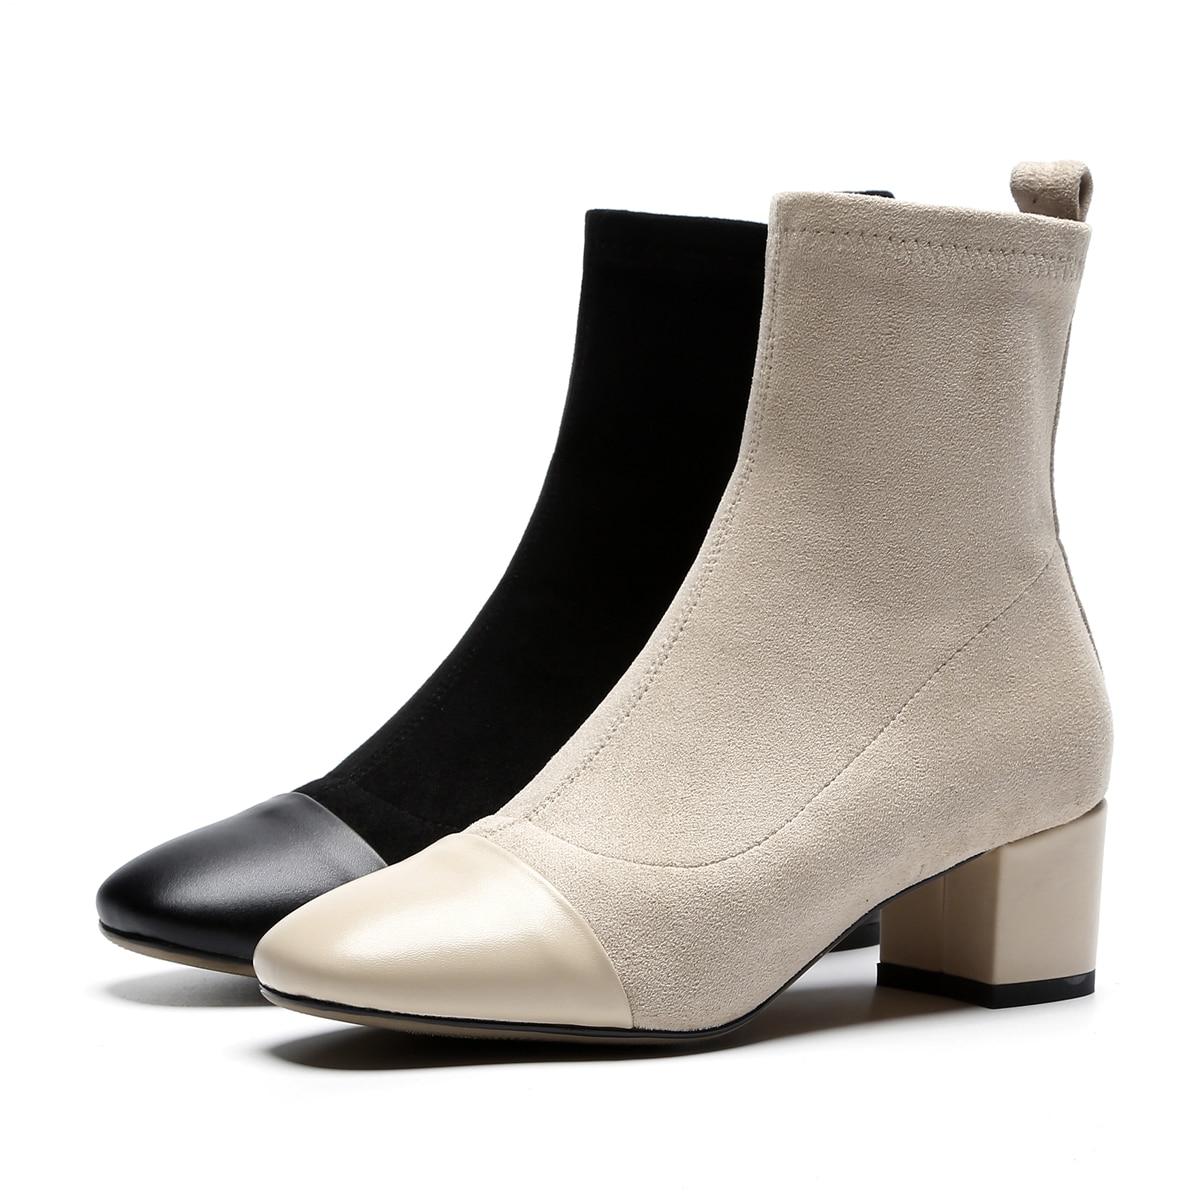 Chaussures Sur Noir Cuir En Bottes Hiver Femme Automne Cheville Véritable Stretch Nouvelle Borwn apricot Esrfiyfe Casual Gris Mode Slip vnwN0m8